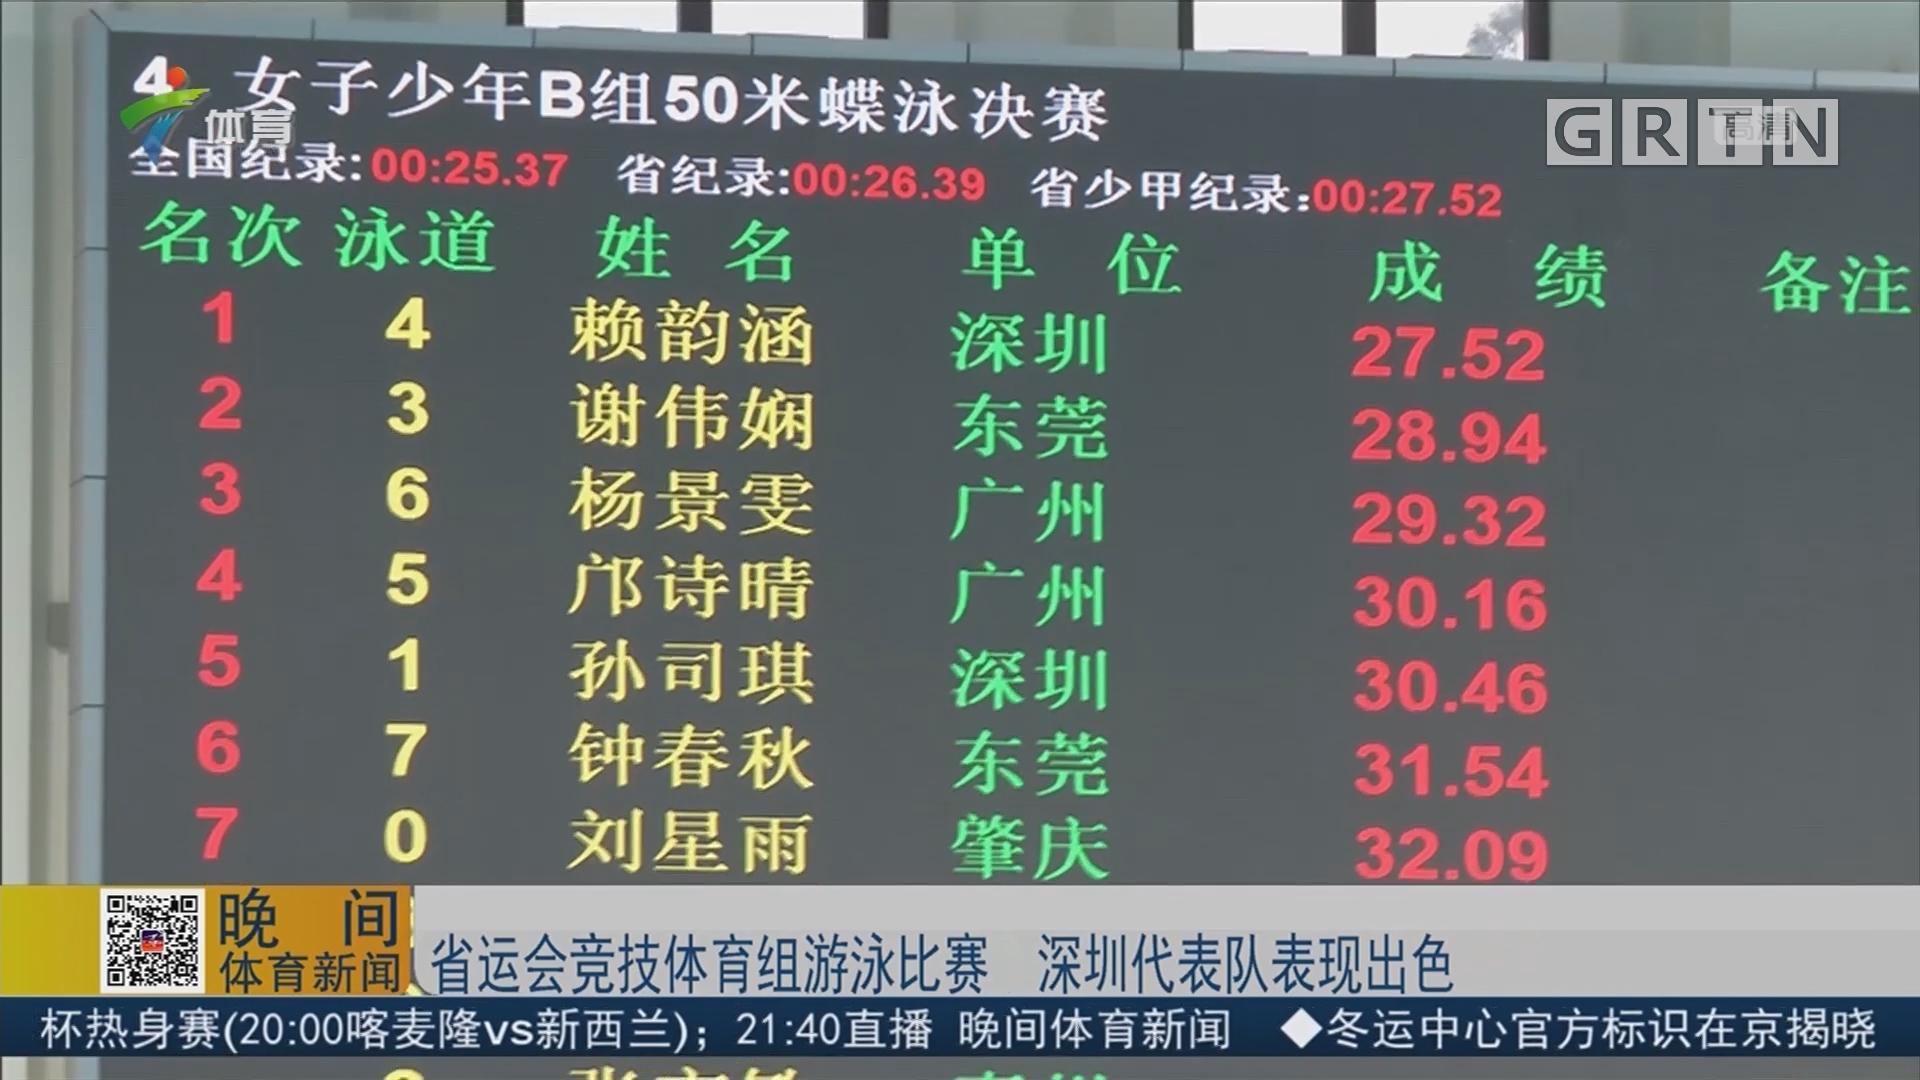 省运会竞技体育组游泳比赛 深圳代表队表现出色